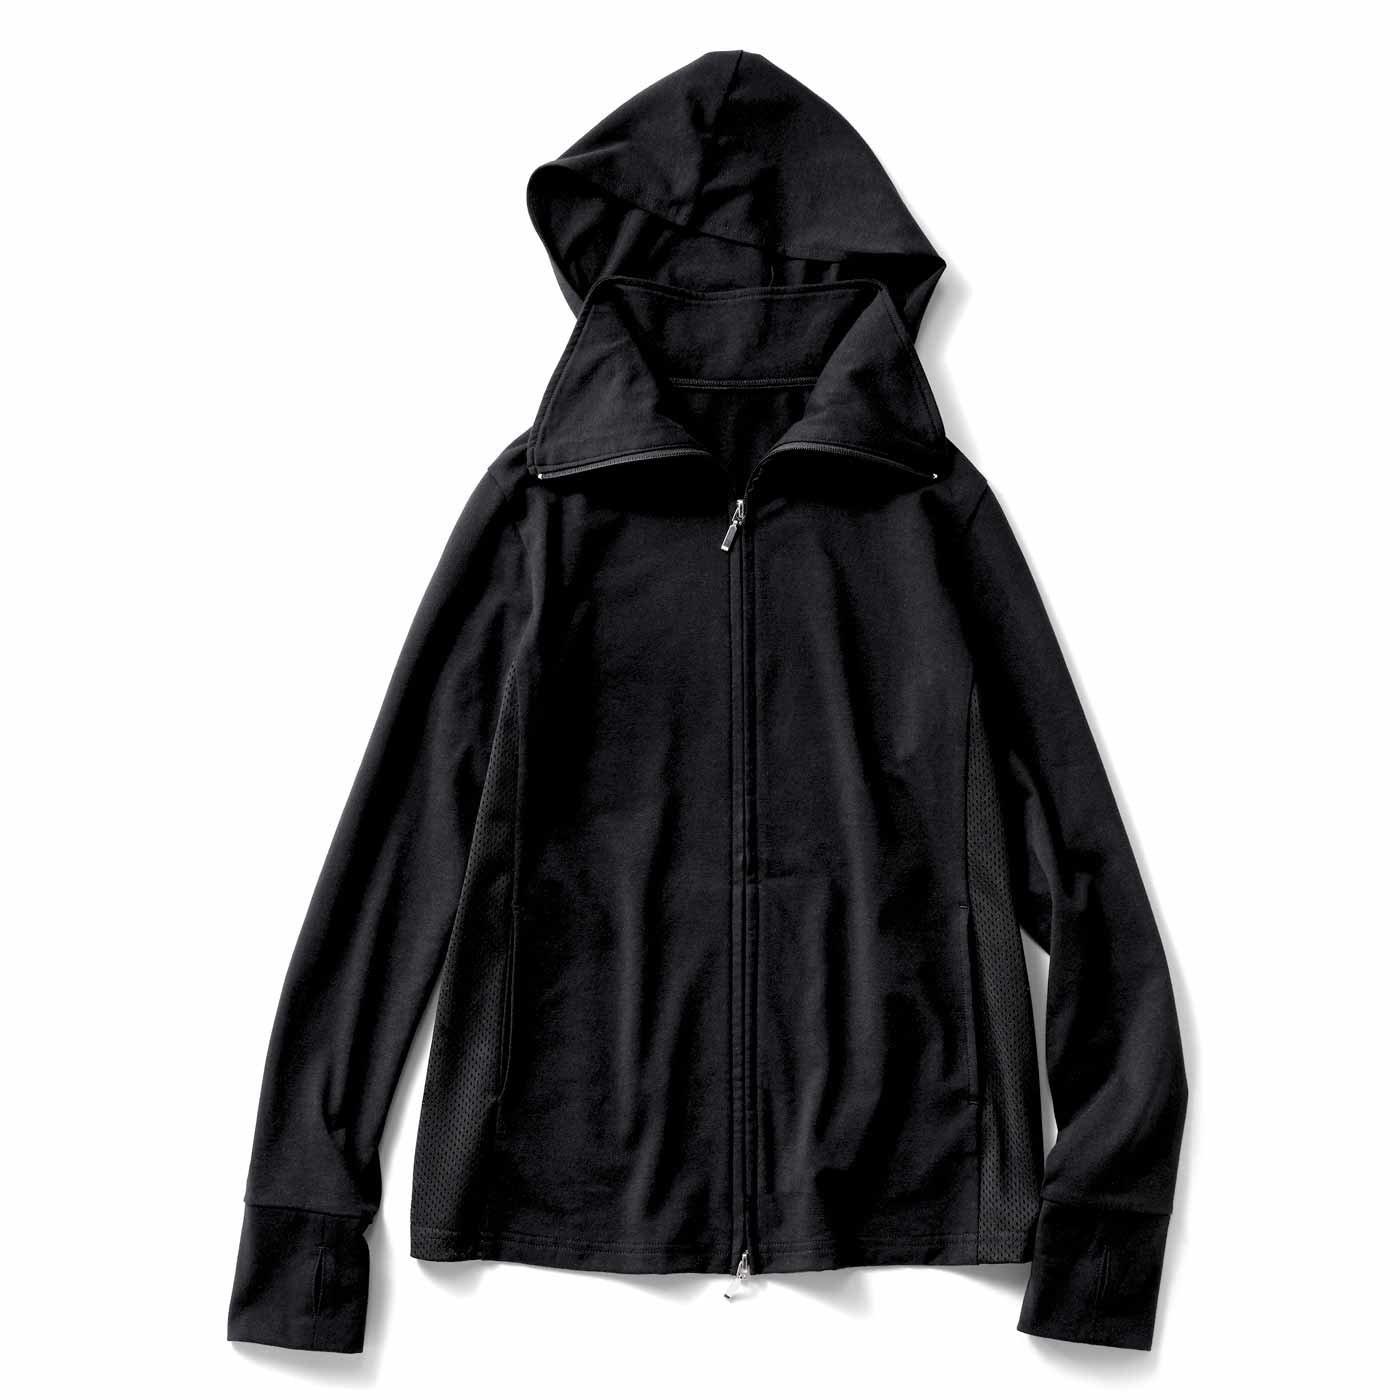 【3~10日でお届け】IEDIT[イディット] サッとはおって日差し対策 衿高仕様の吸汗速乾UVパーカー〈ブラック〉